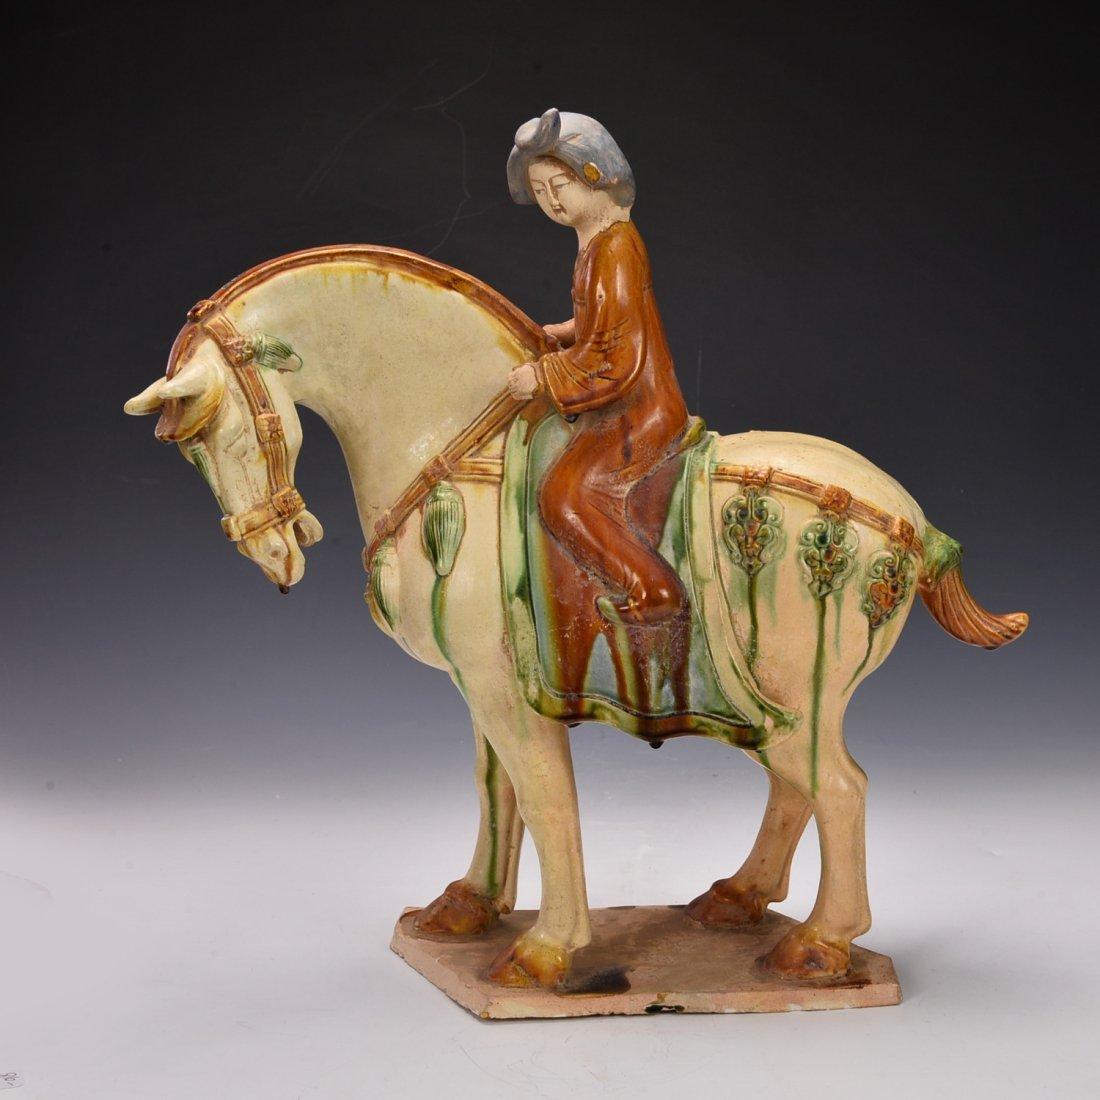 Chinese Sancai Glazed Riding Horse Figure